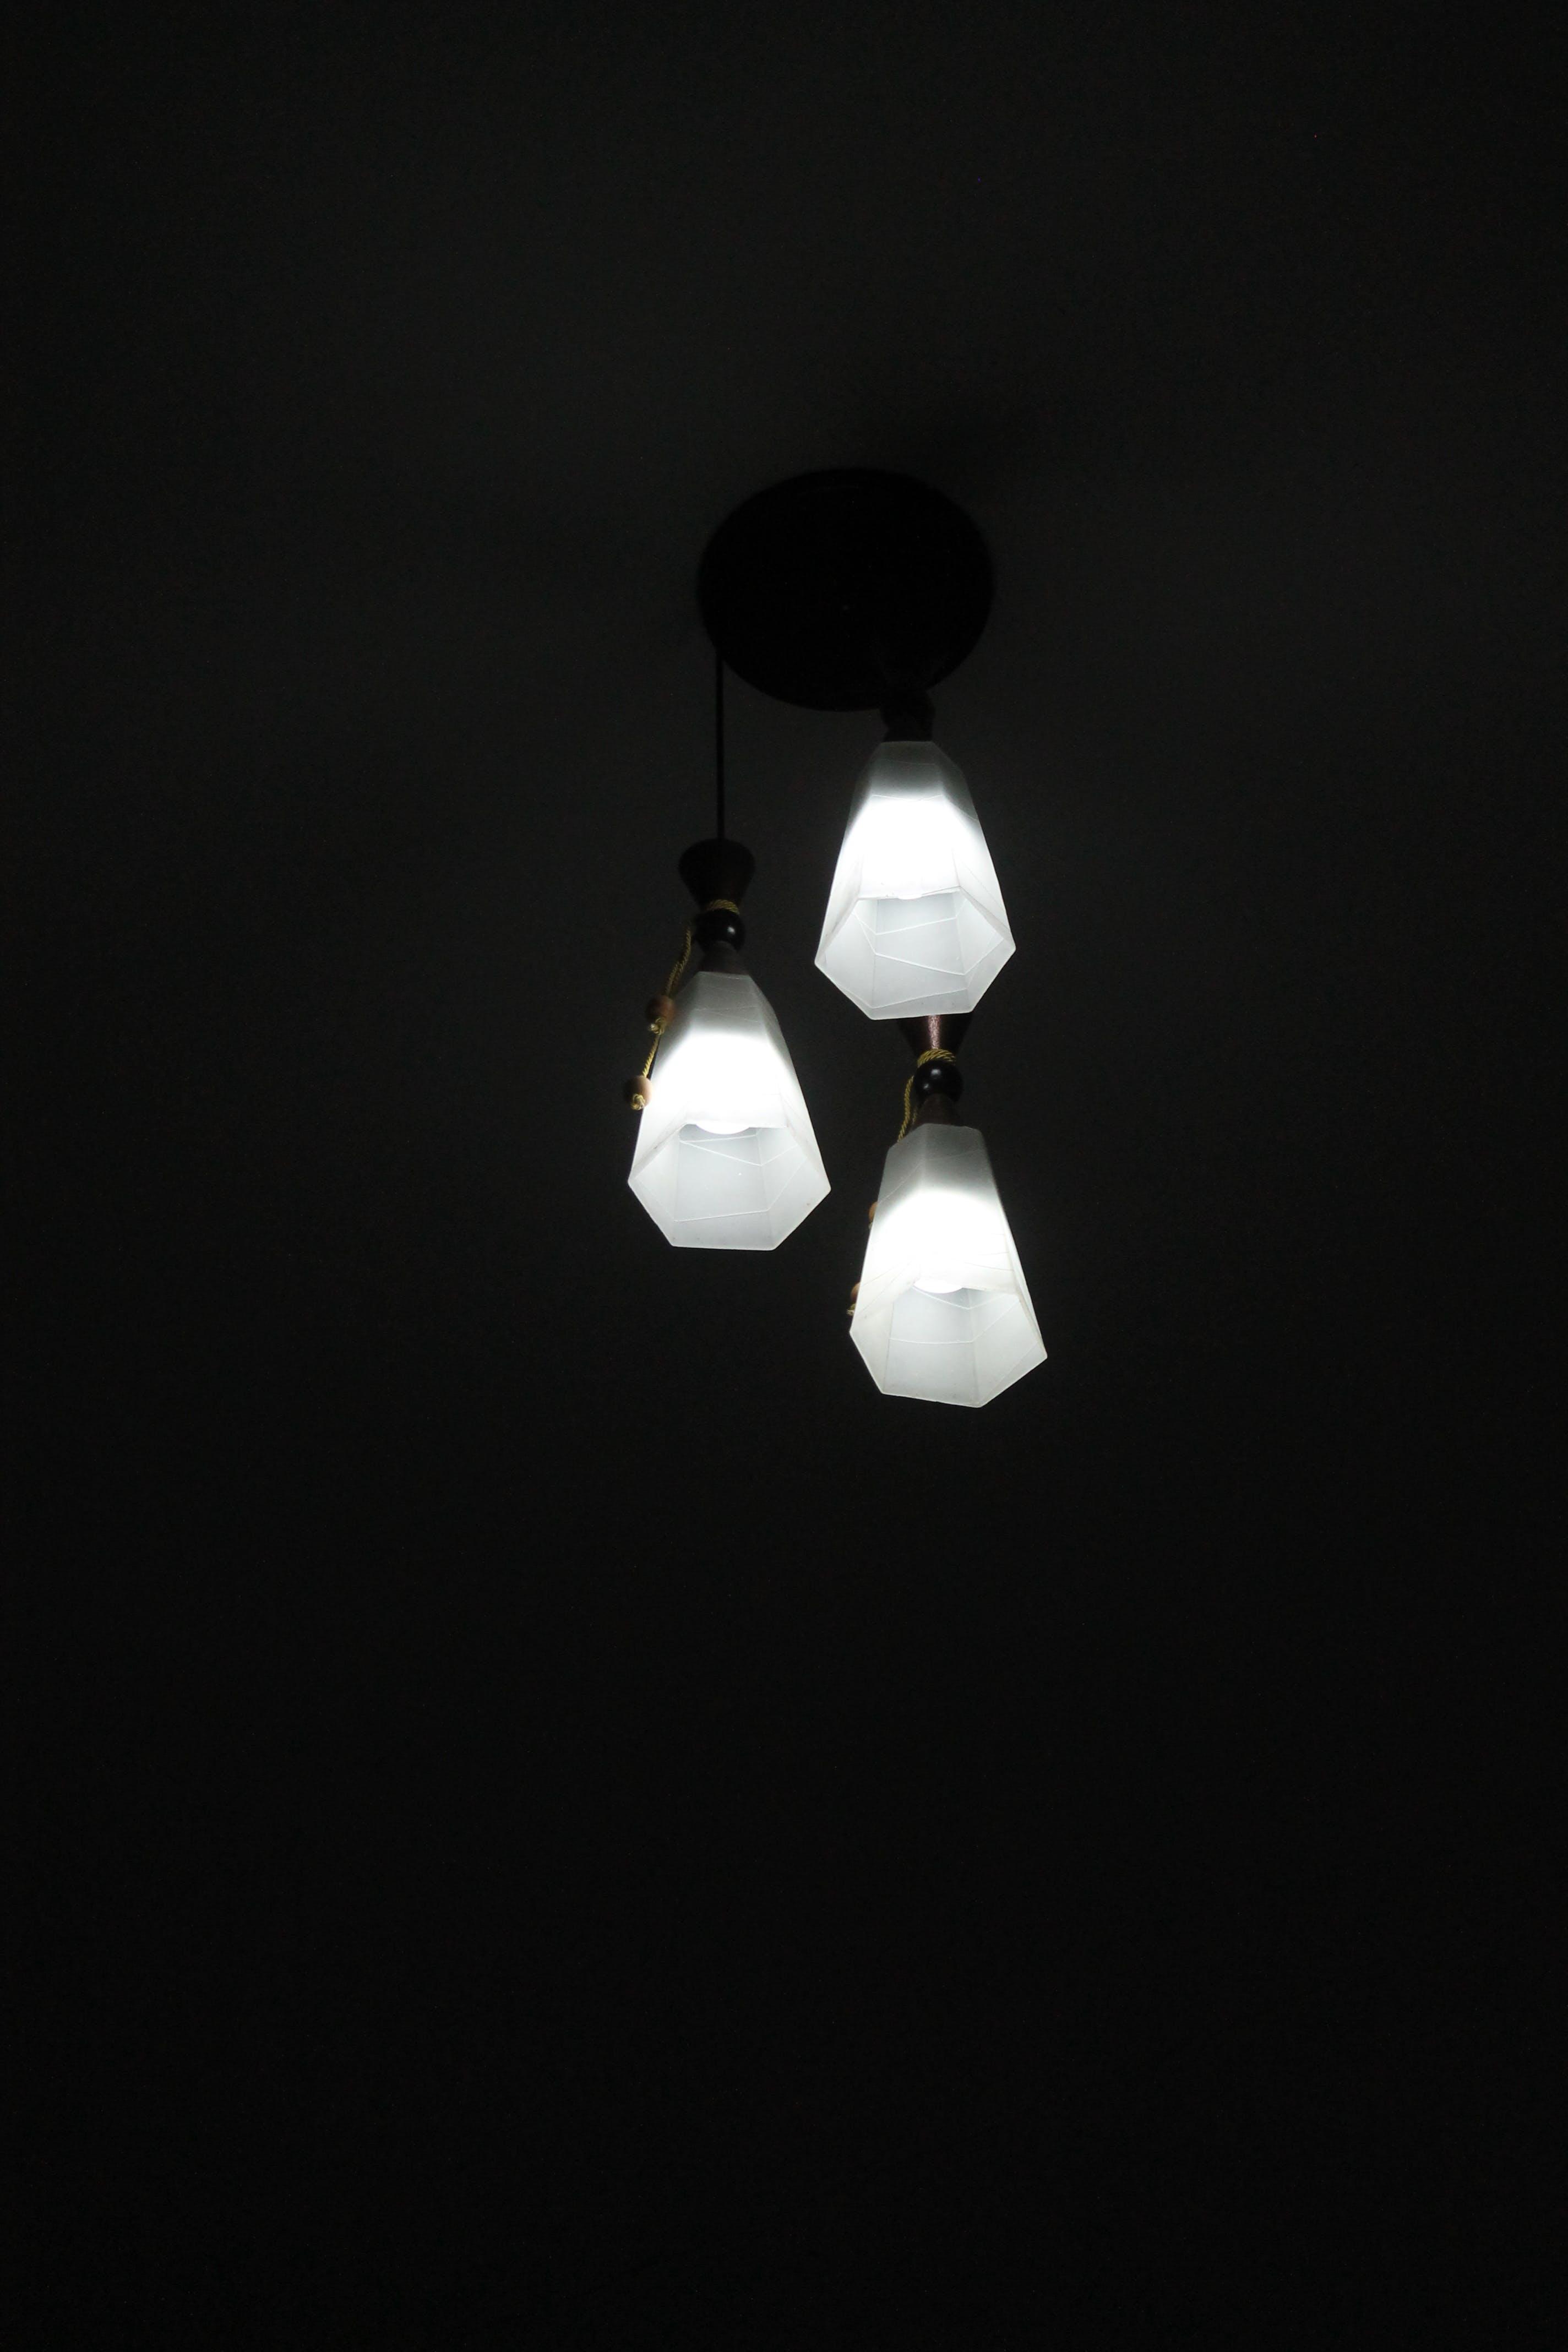 Kostenloses Stock Foto zu design, dunkel, elektrizität, farbe